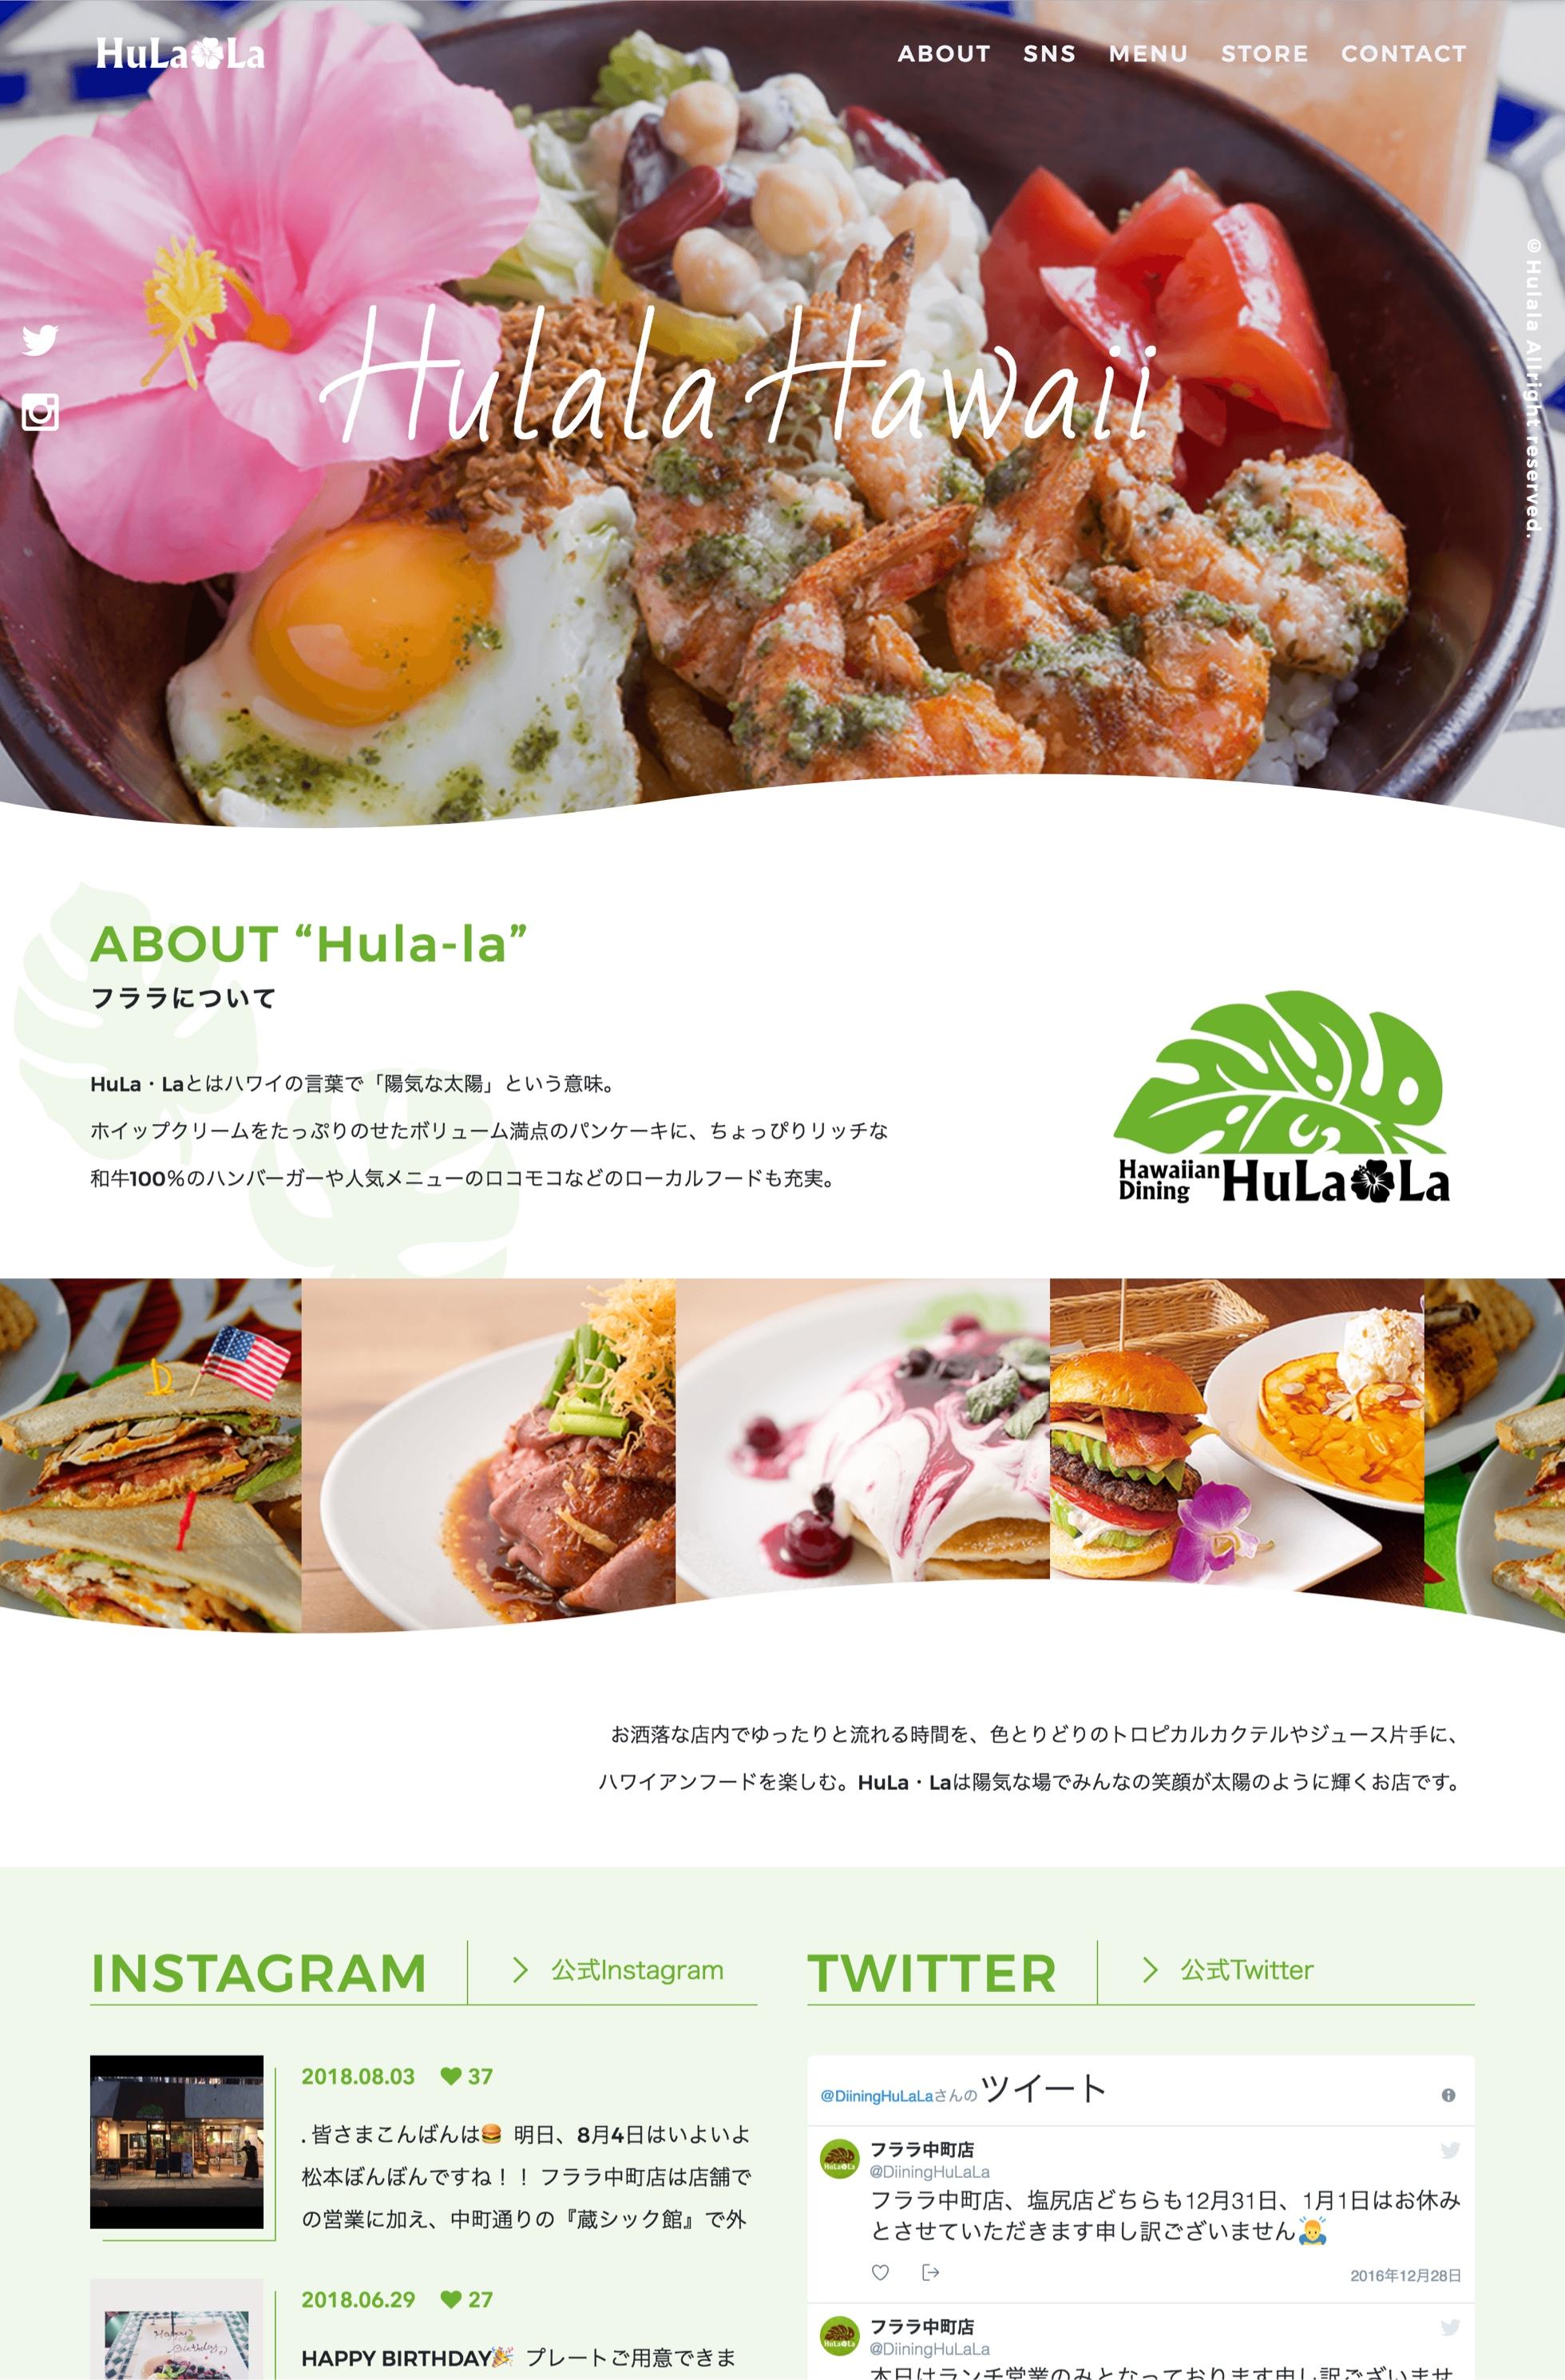 長野県中信地区のハワイアンレストランのホームページのスクリーンショット